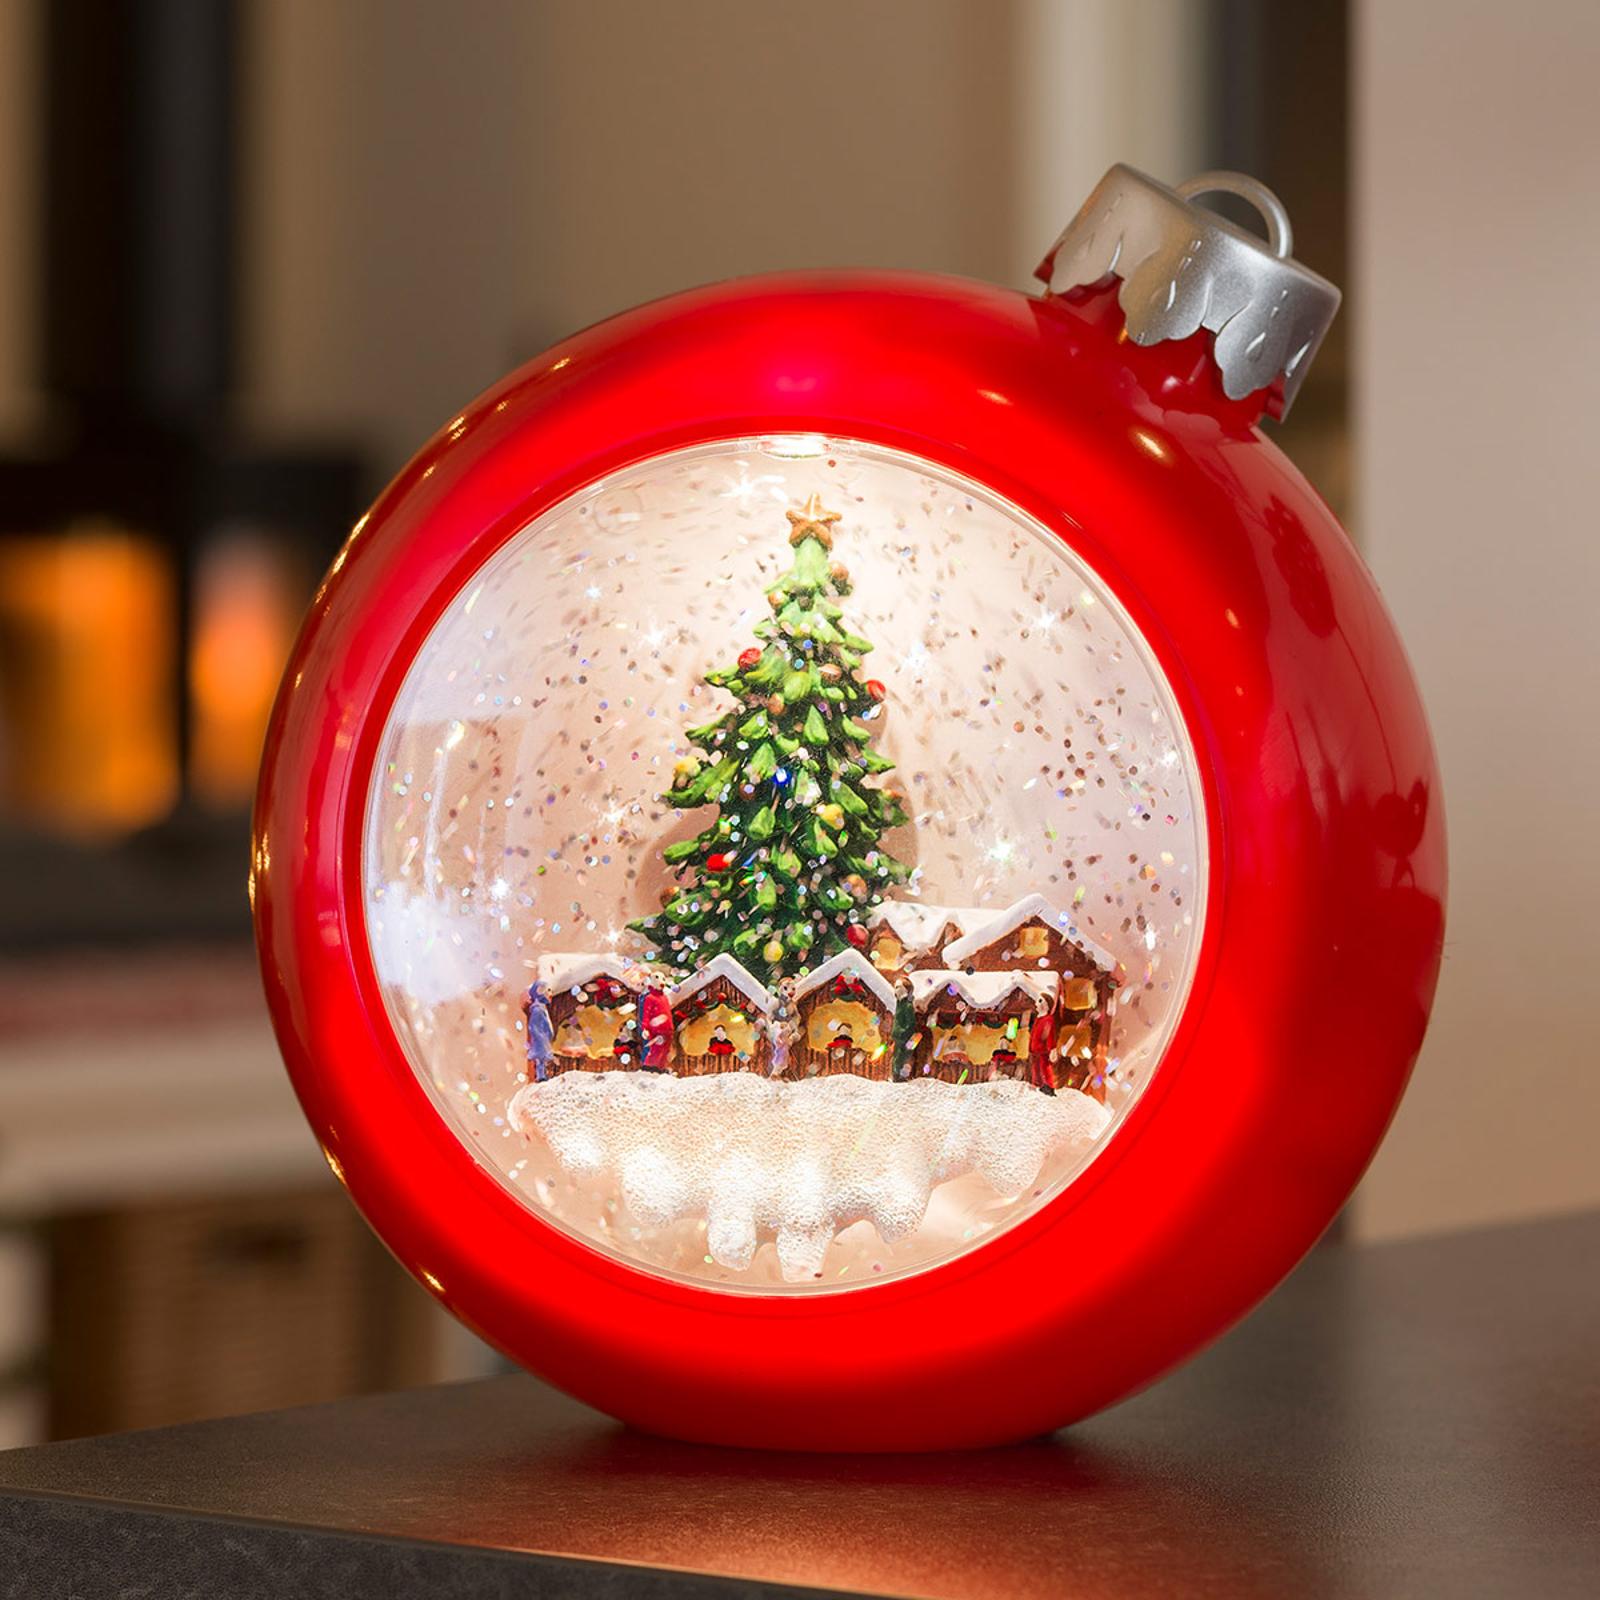 Rote LED-Kugel Weihnachtsmarkt, wassergefüllt